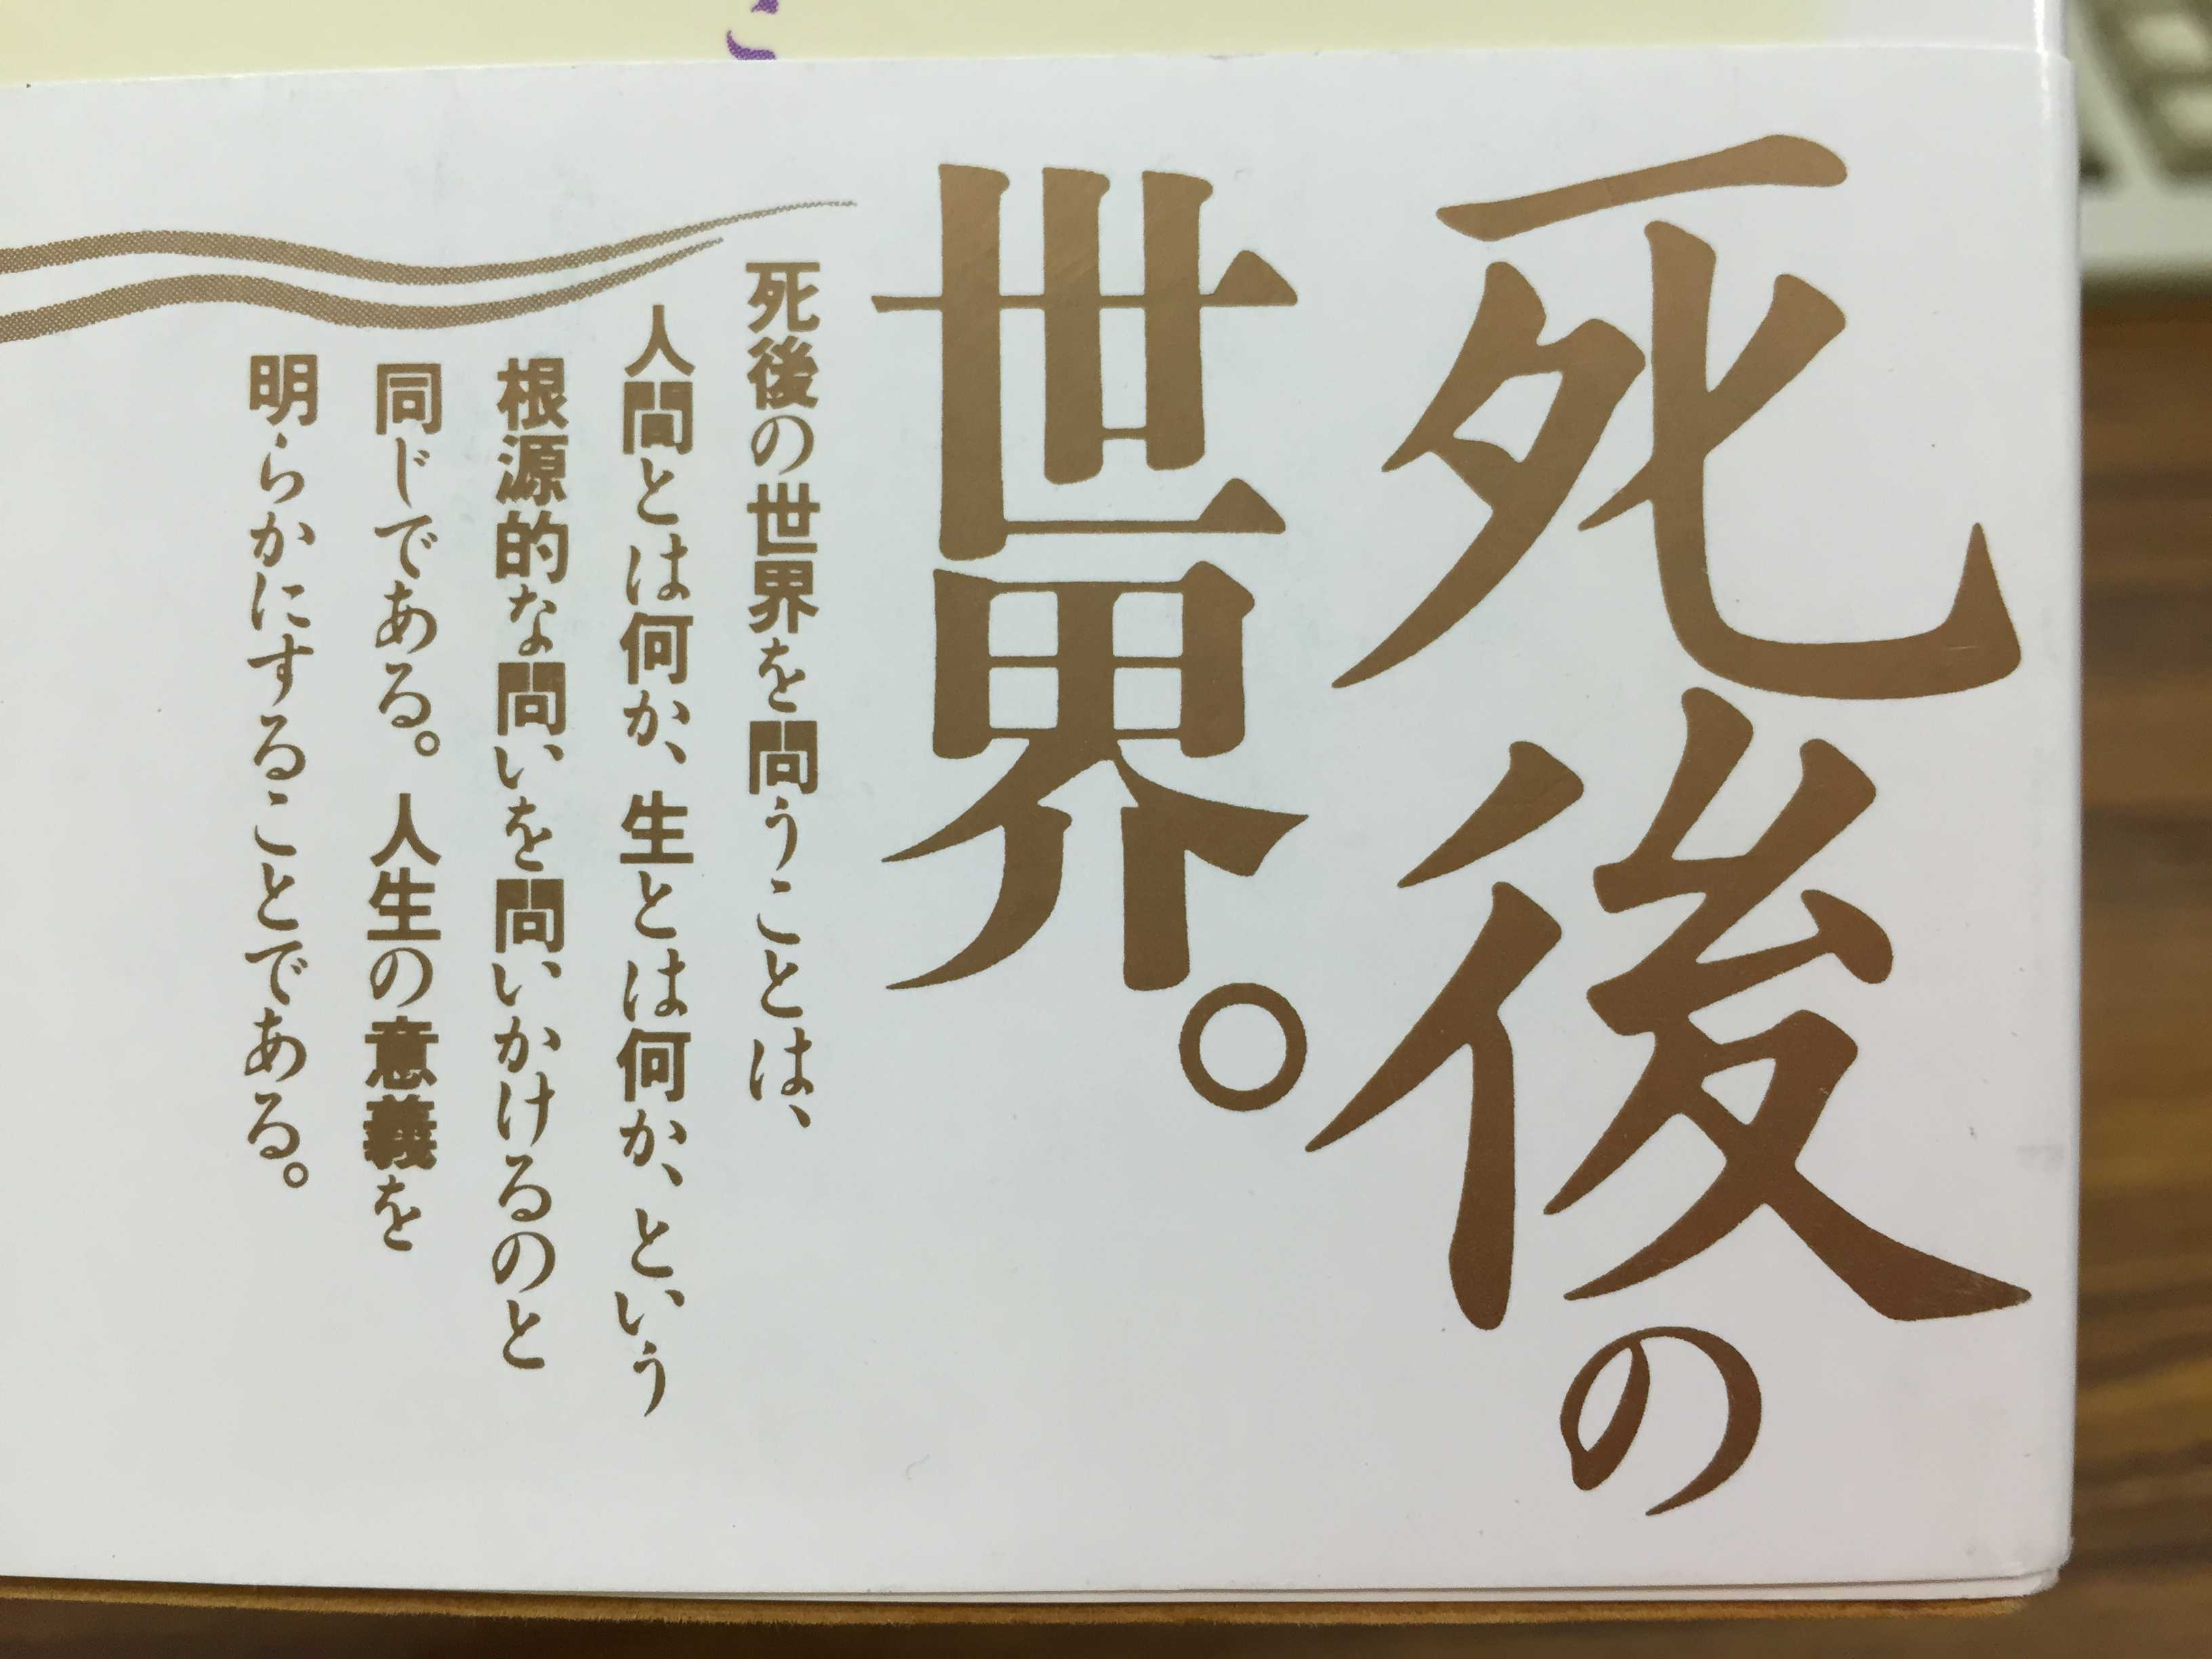 日本人の死生観(五来 重) - 死後の世界